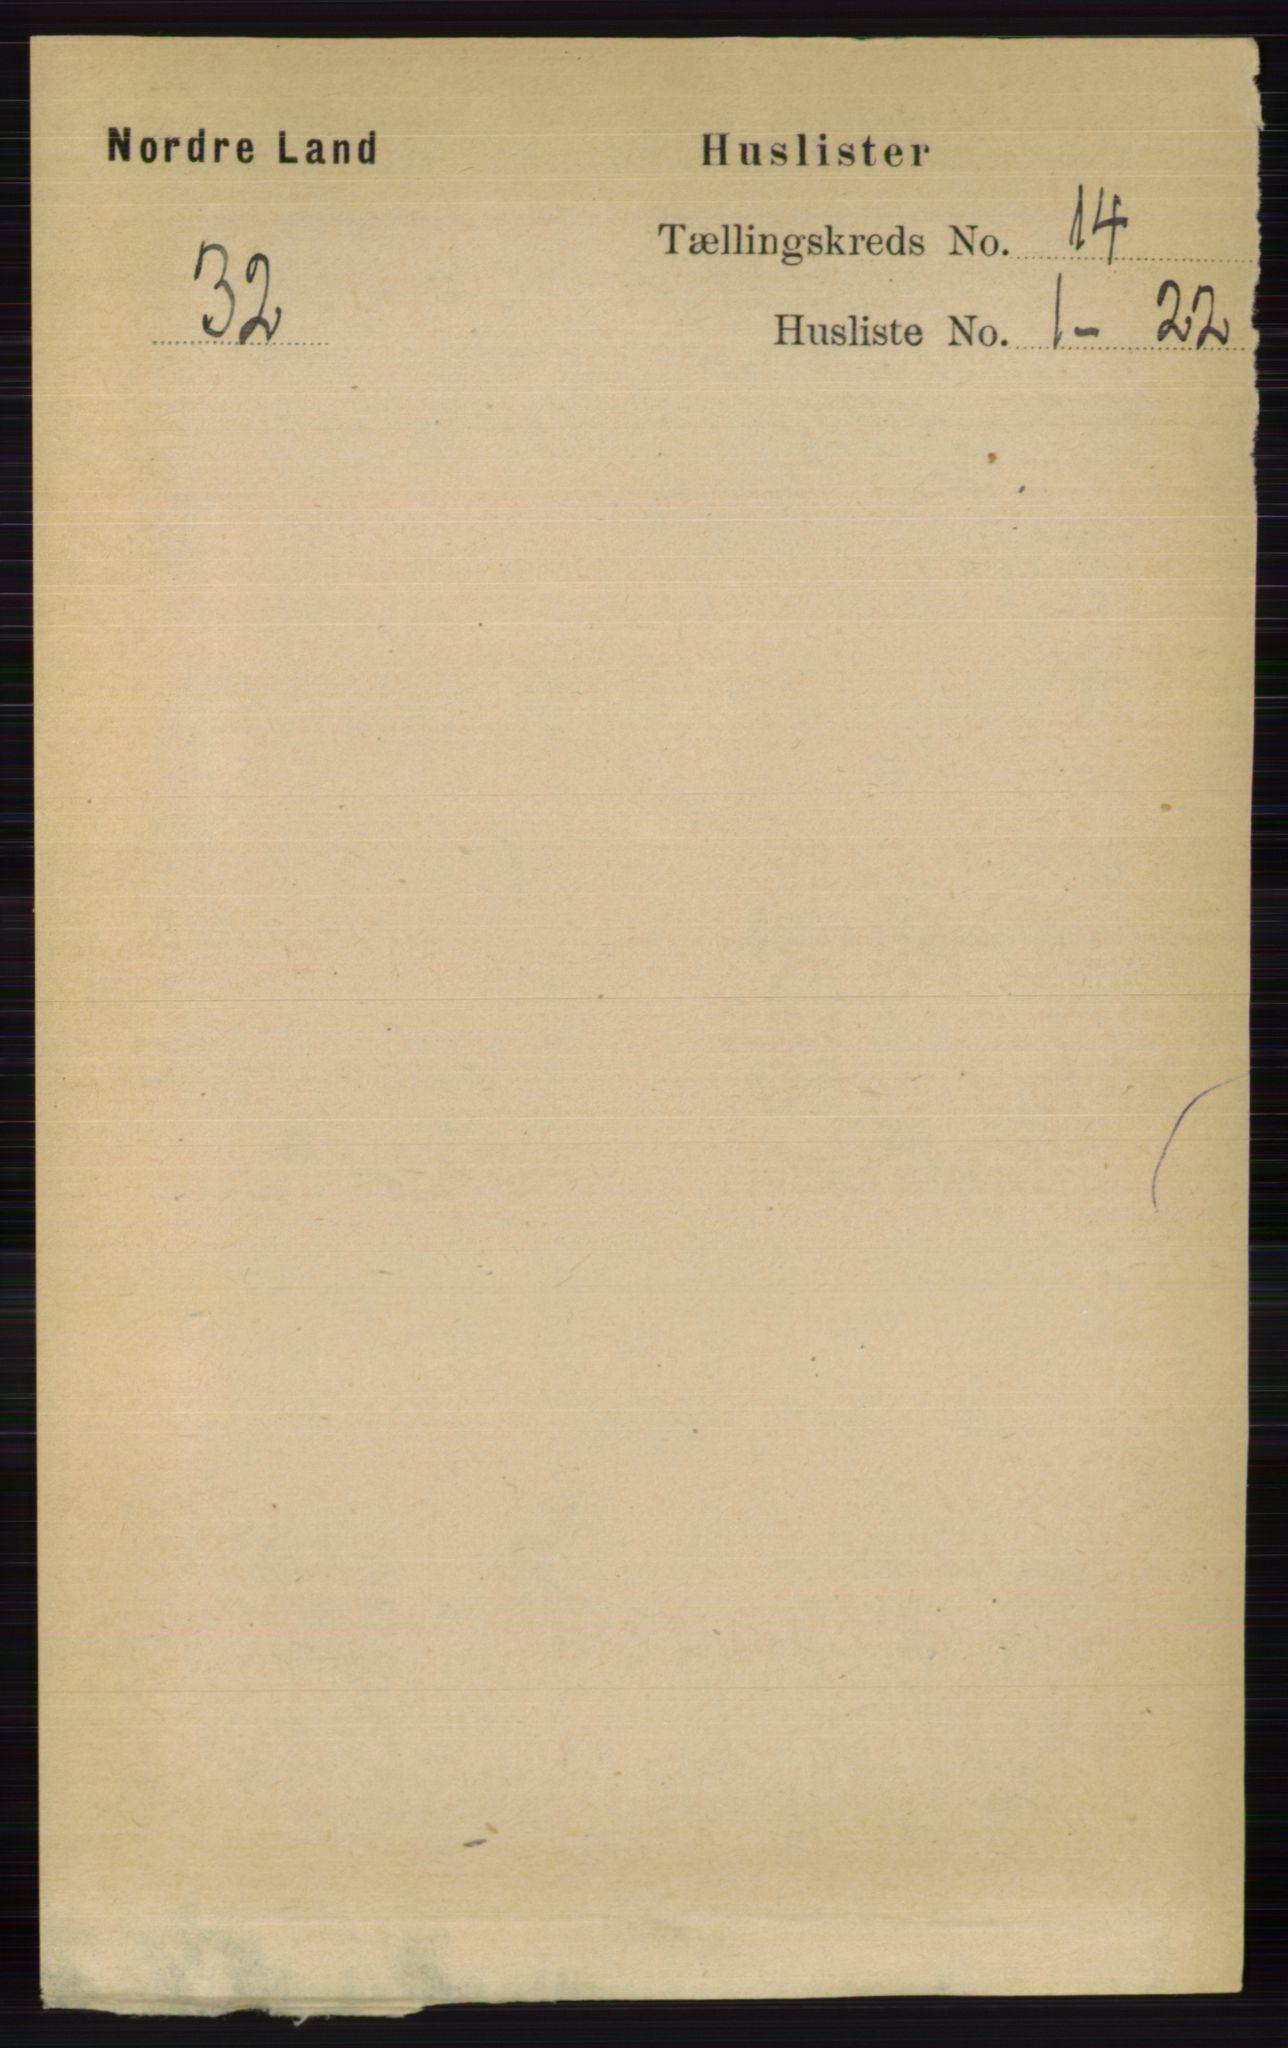 RA, Folketelling 1891 for 0538 Nordre Land herred, 1891, s. 3603